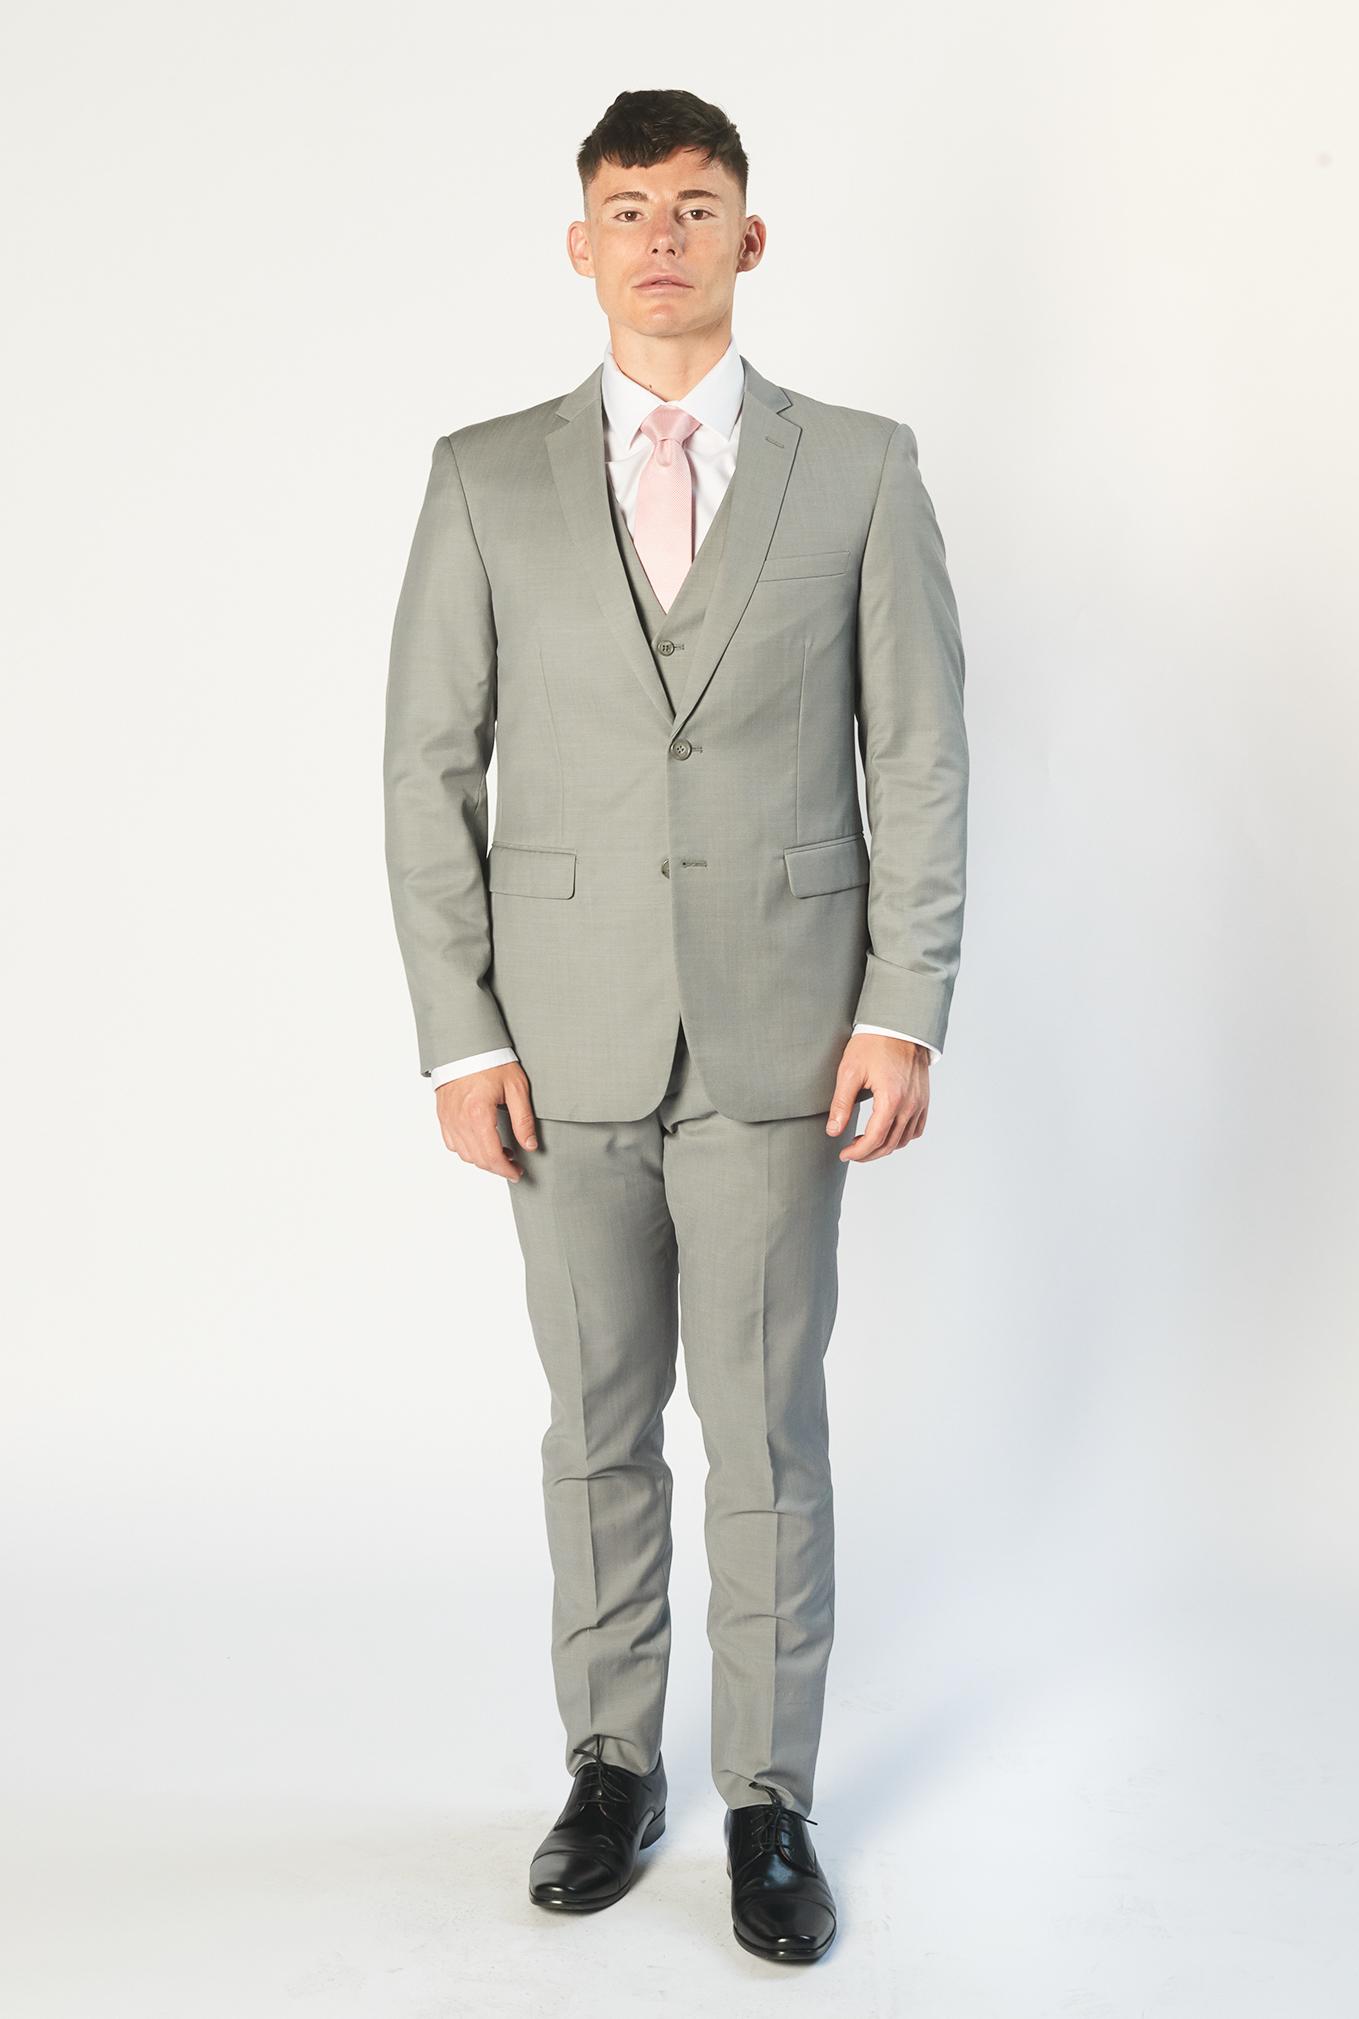 The Jet light grey suit